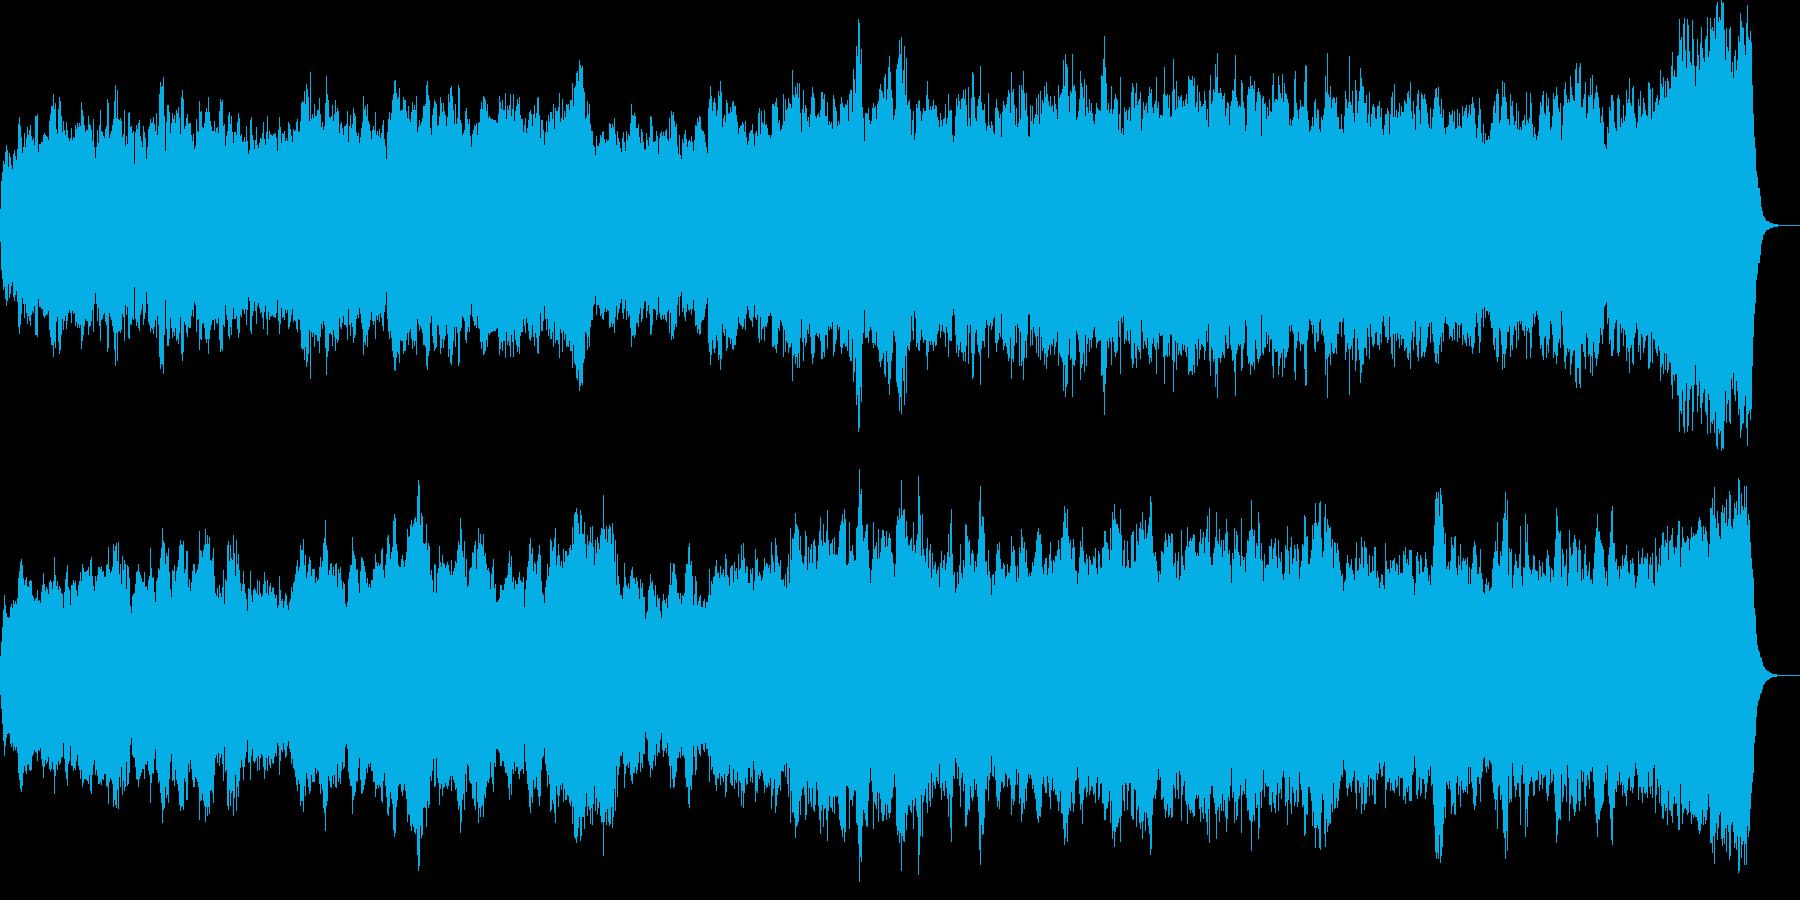 パイプオルガンオリジナル教会音楽の再生済みの波形